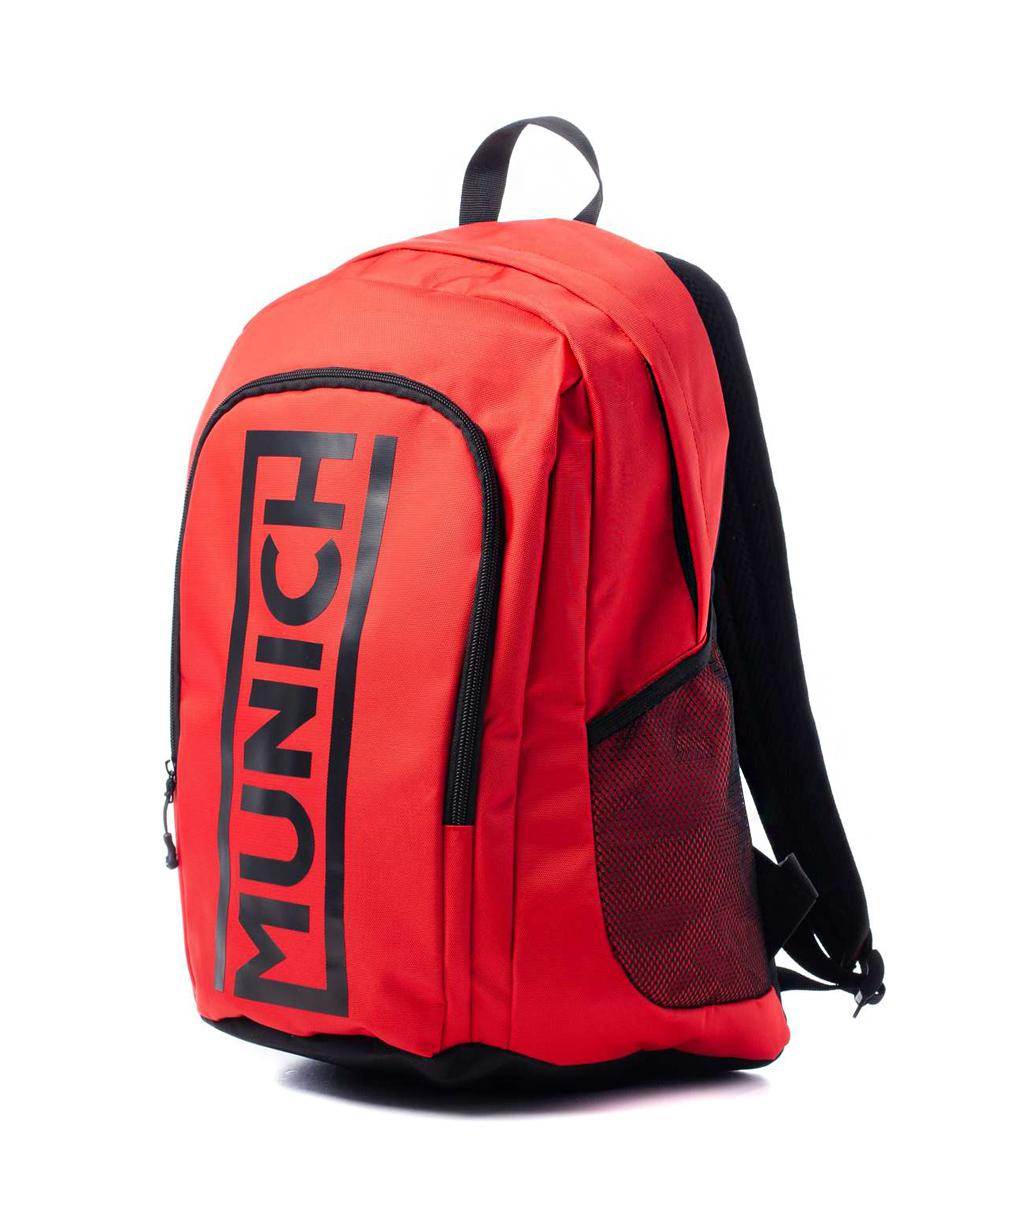 Купить красный рюкзак Munich Backpack 6500146 в интернет-магазине